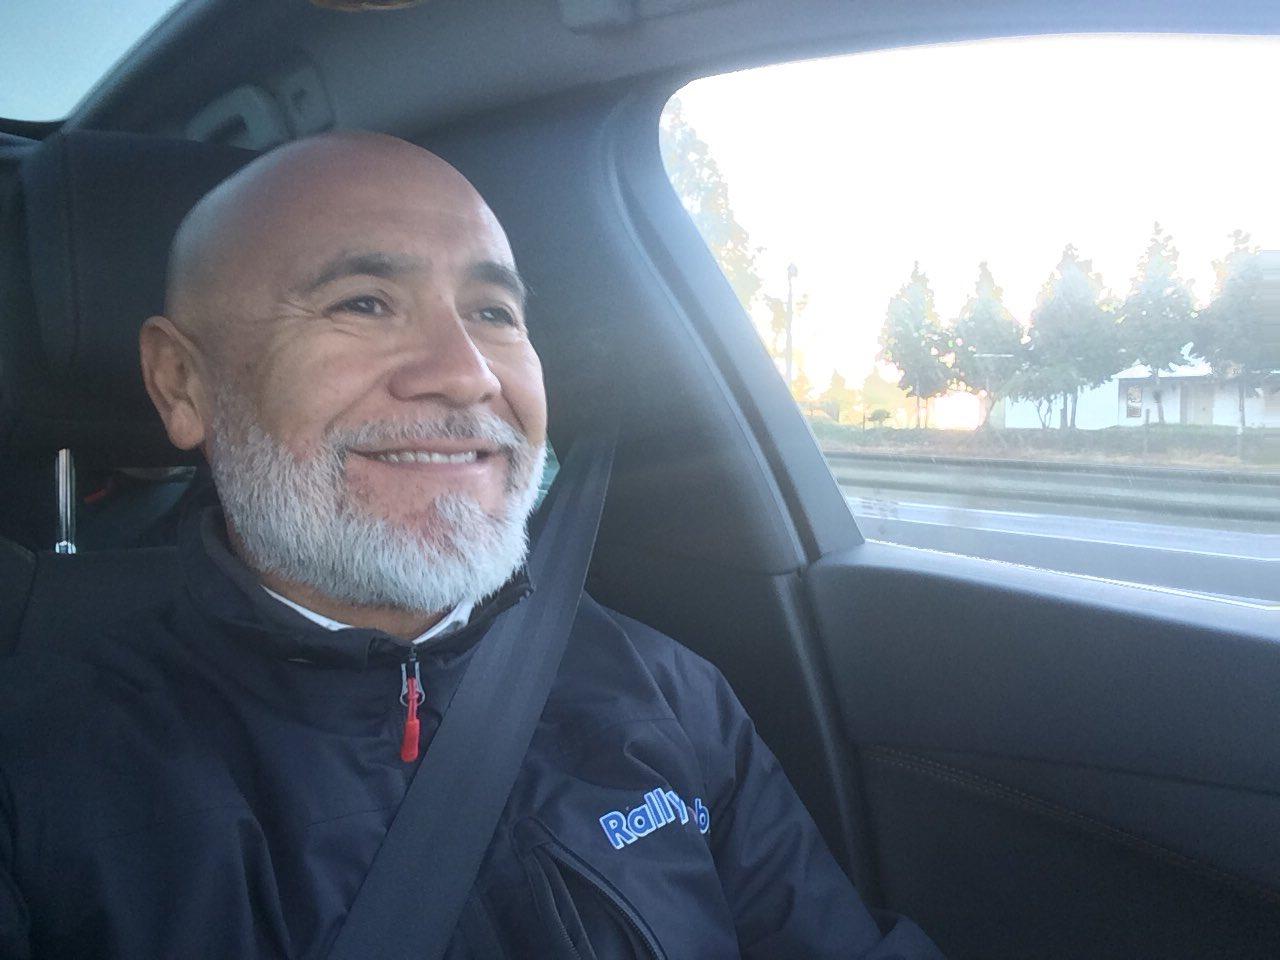 El líder del Rally Mobil Felipe Horta da positivo para Coronavirus